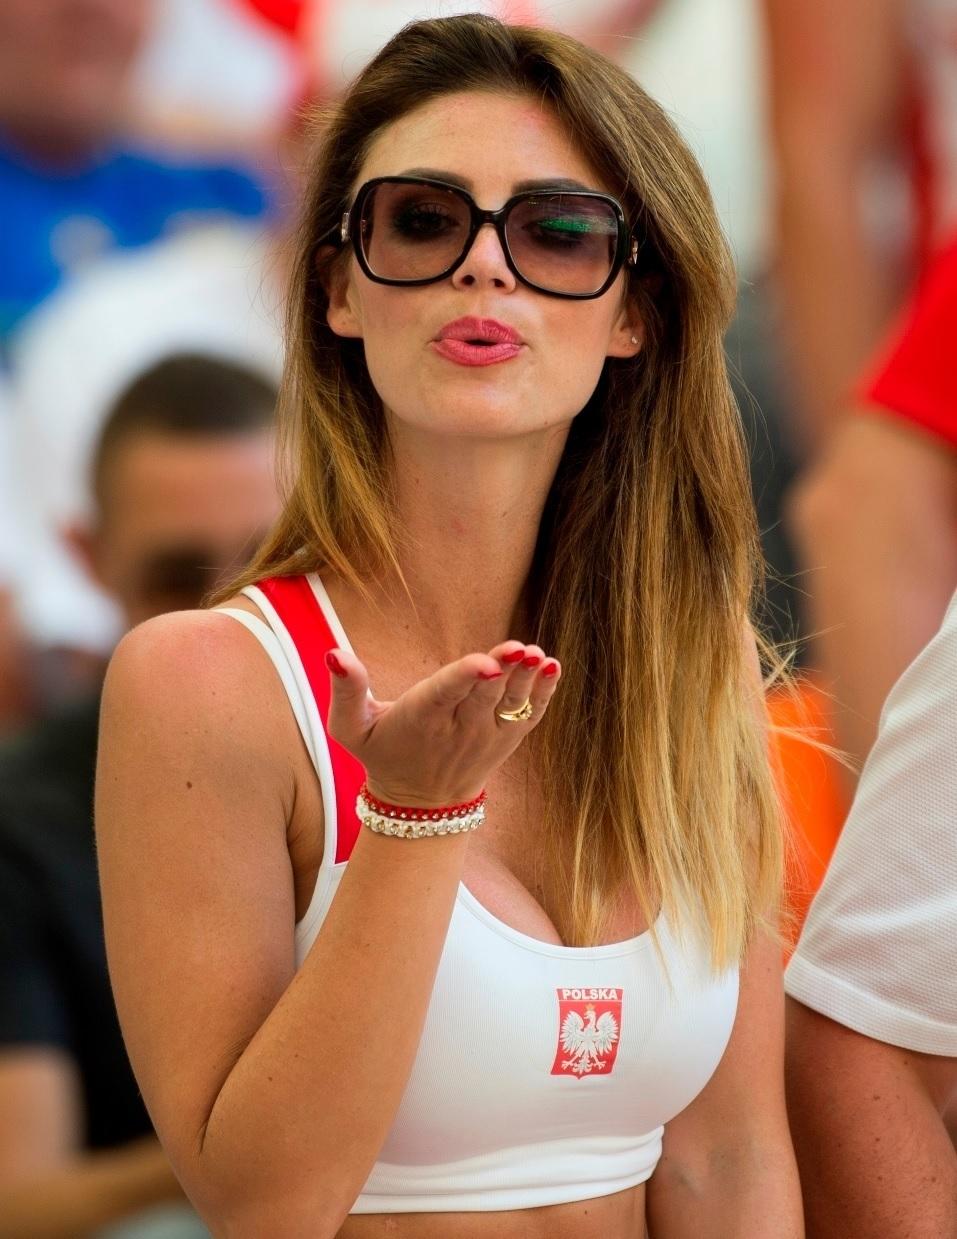 ユーロ美女サポーター-ポーランド-3.jpg